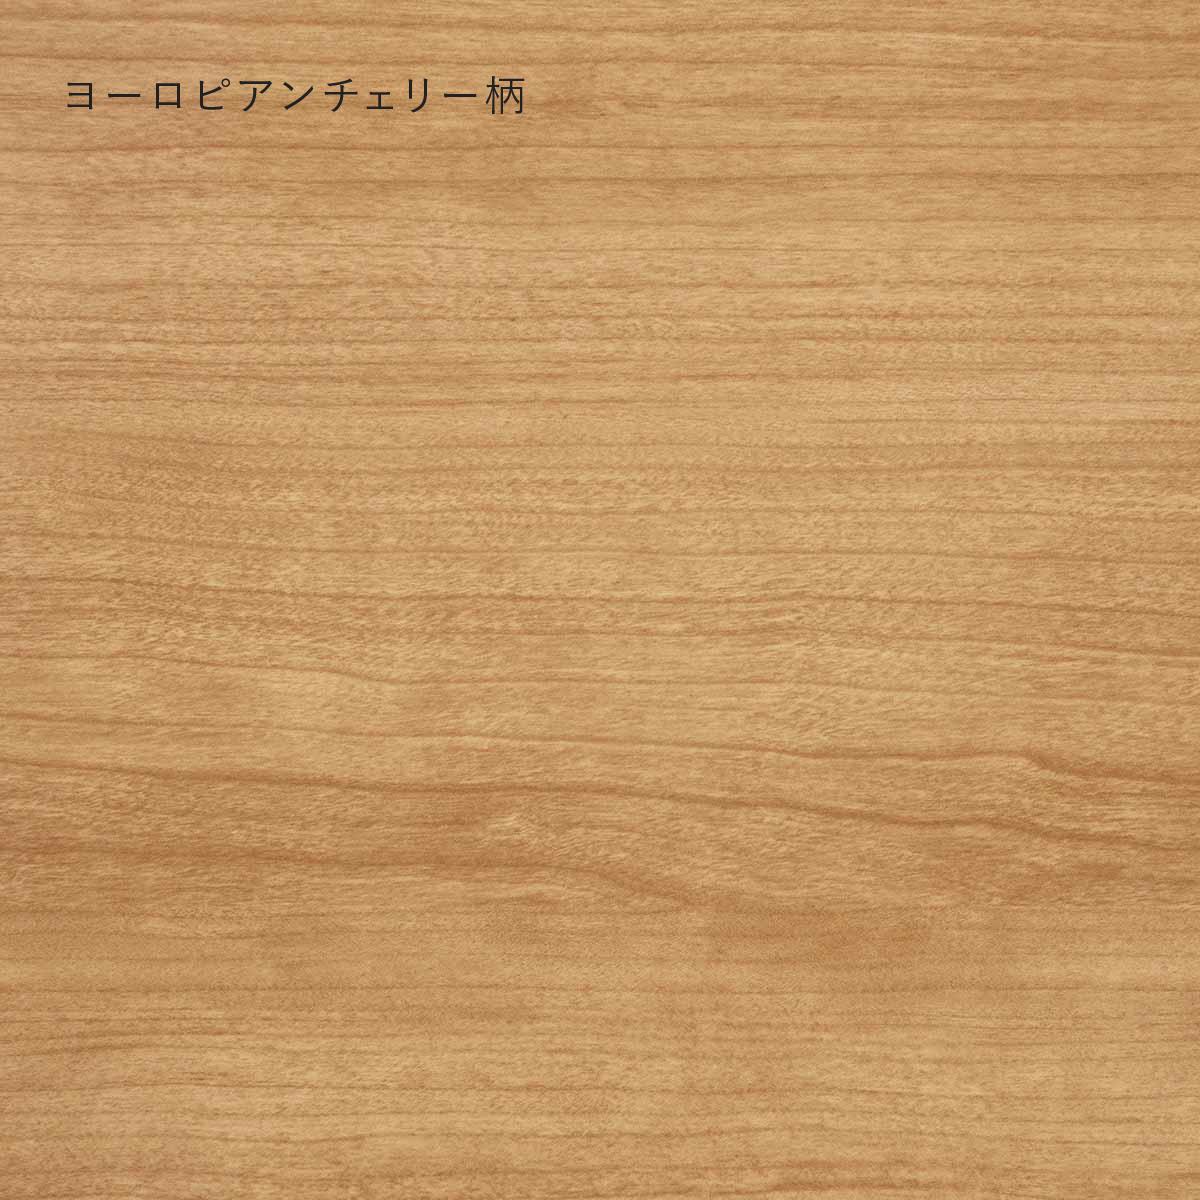 【V-TISS LIGHT】 天板 4モジュール幅(背面溝あり)